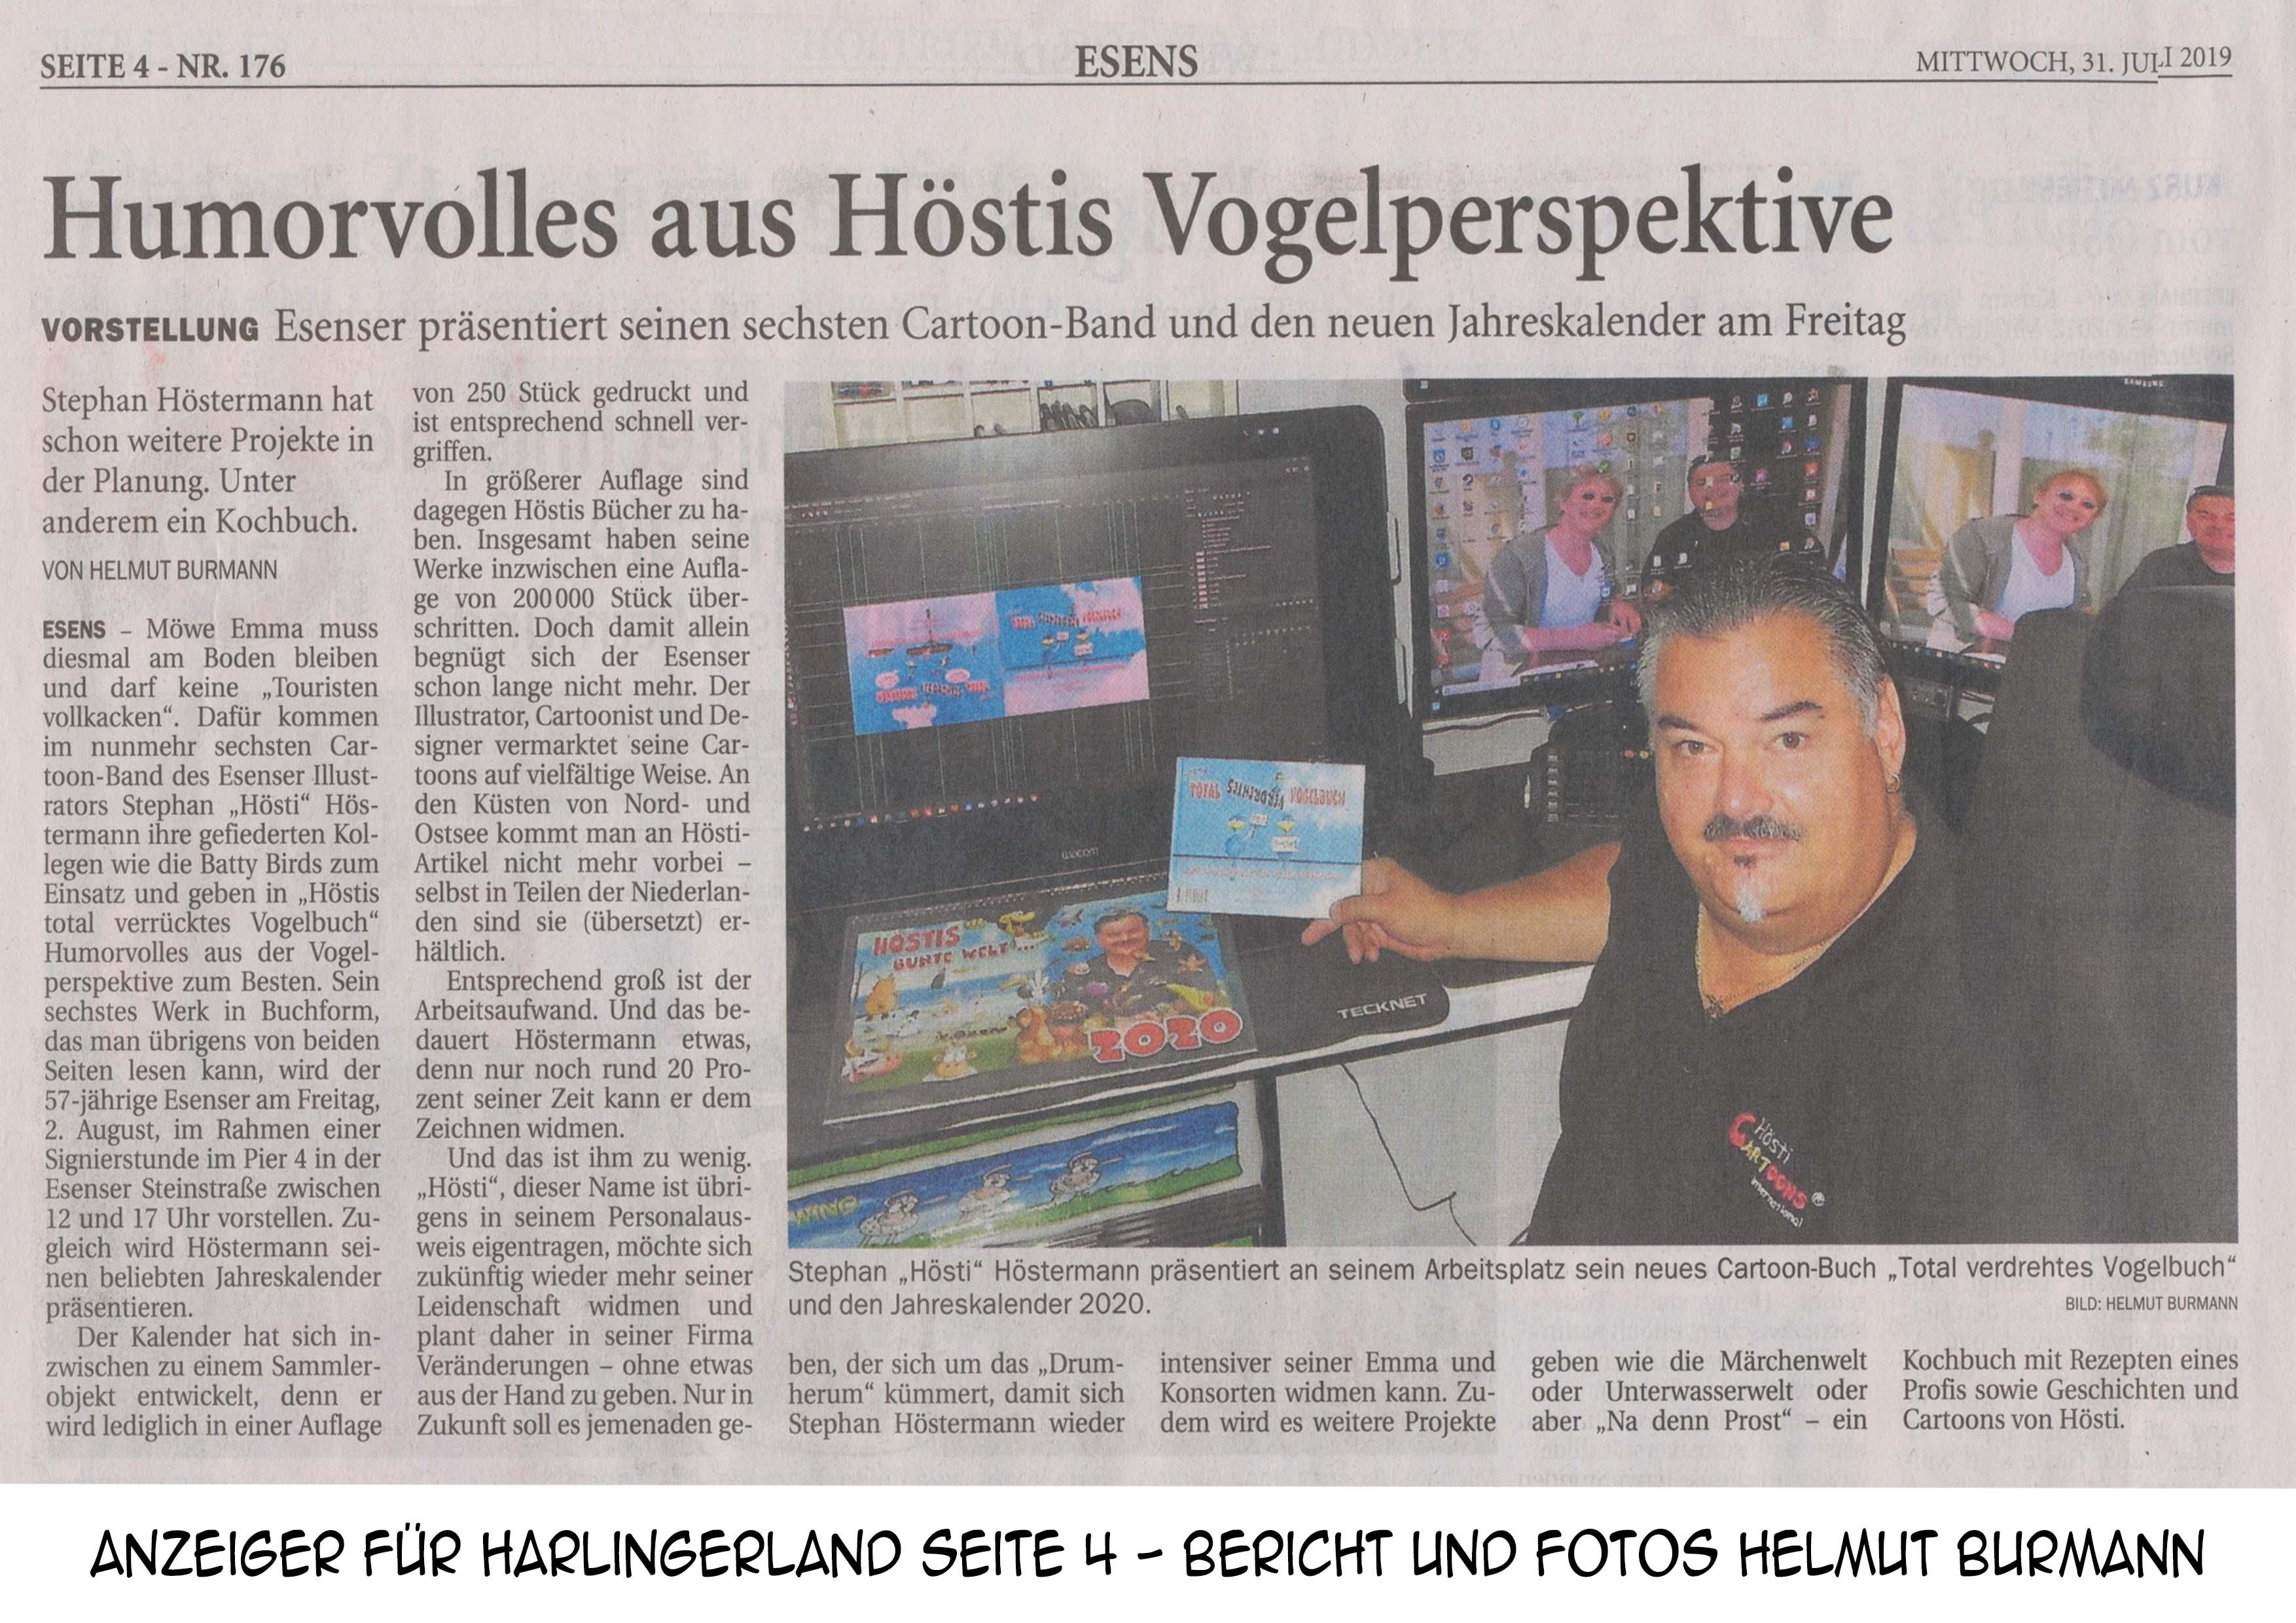 Harlinger-Anzeiger-Seite-4-MiTTWOCH-31-07-2019-helmut-burmann